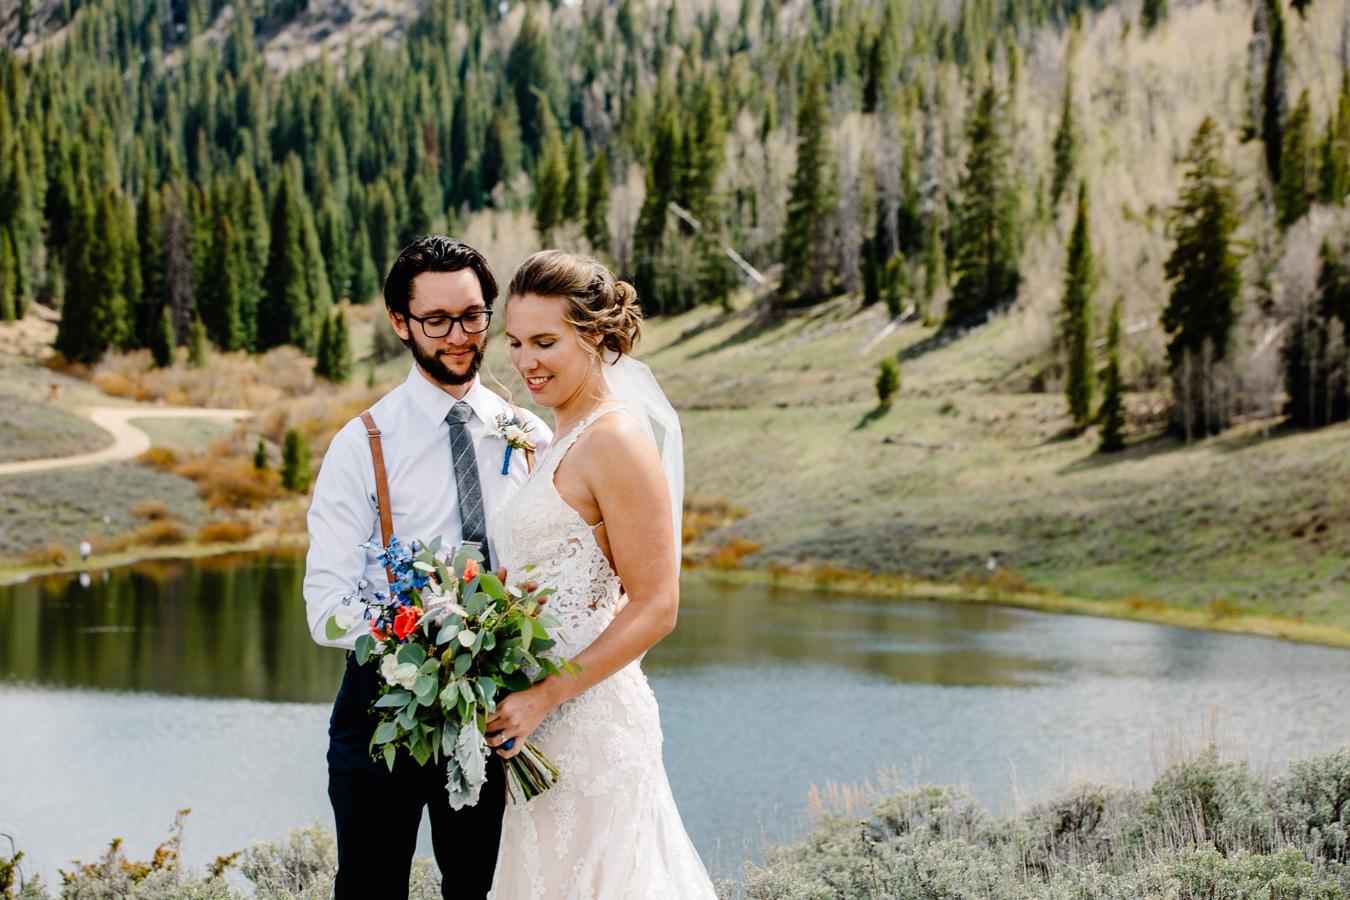 10-snow-mountain-ranch-winter-park-colorado-mountain-wedding-nathan-kayla-0655.jpg